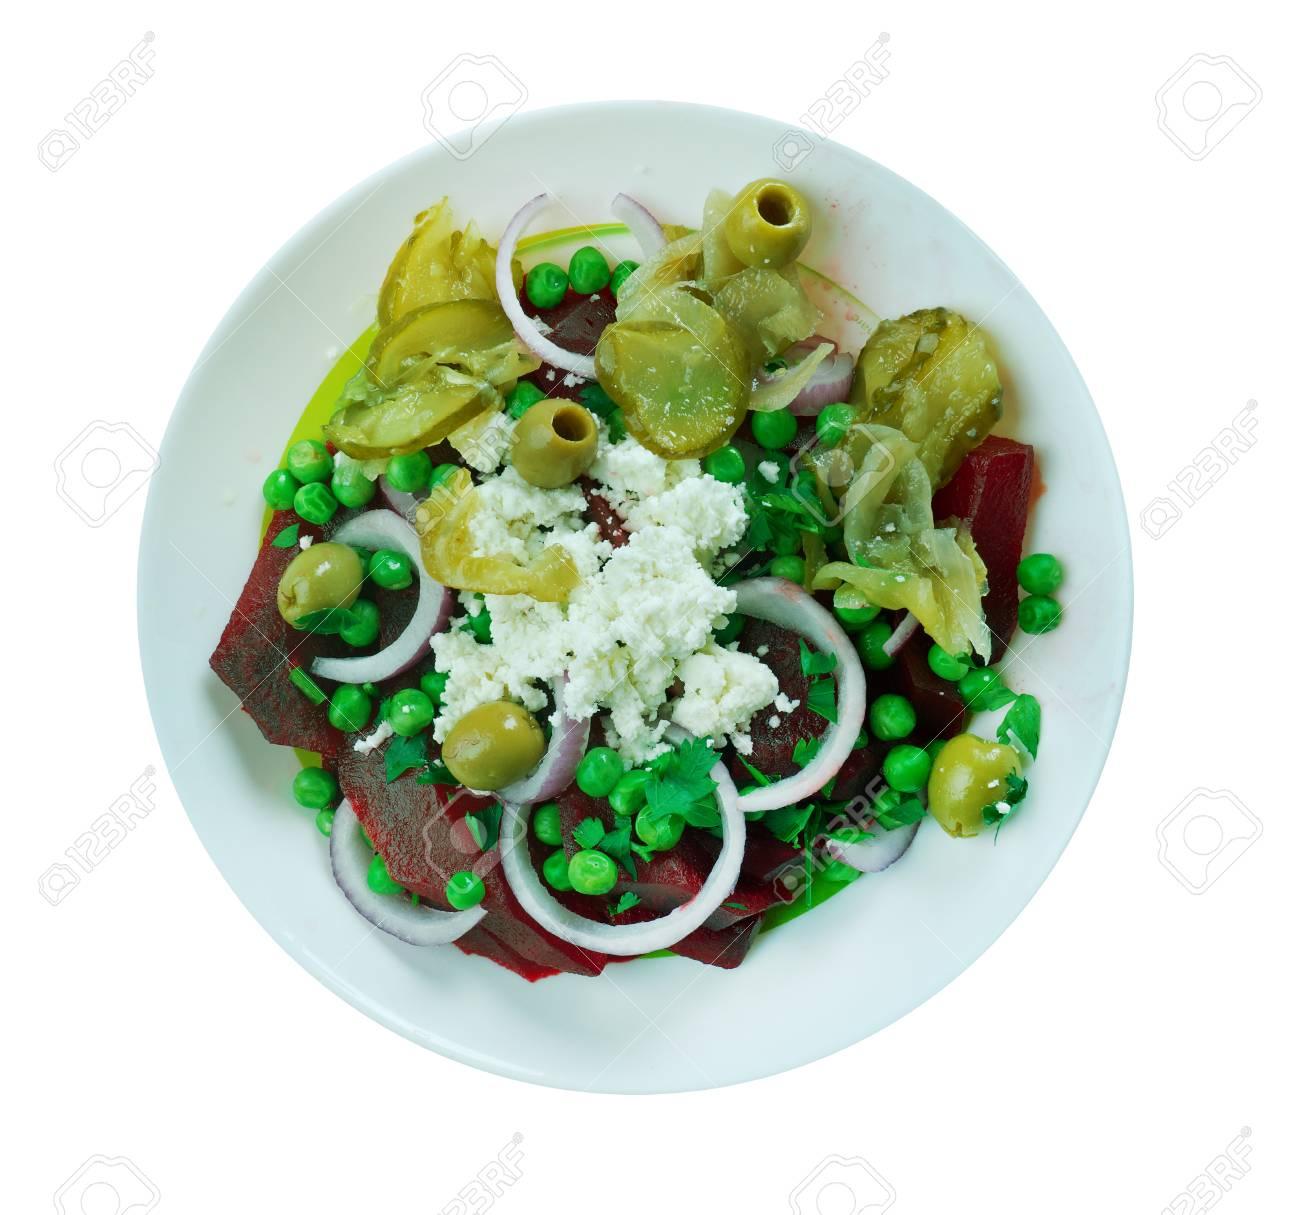 Mediterranen Küche rote bete grüne erbsen feta salad mediterranean küche lizenzfreie